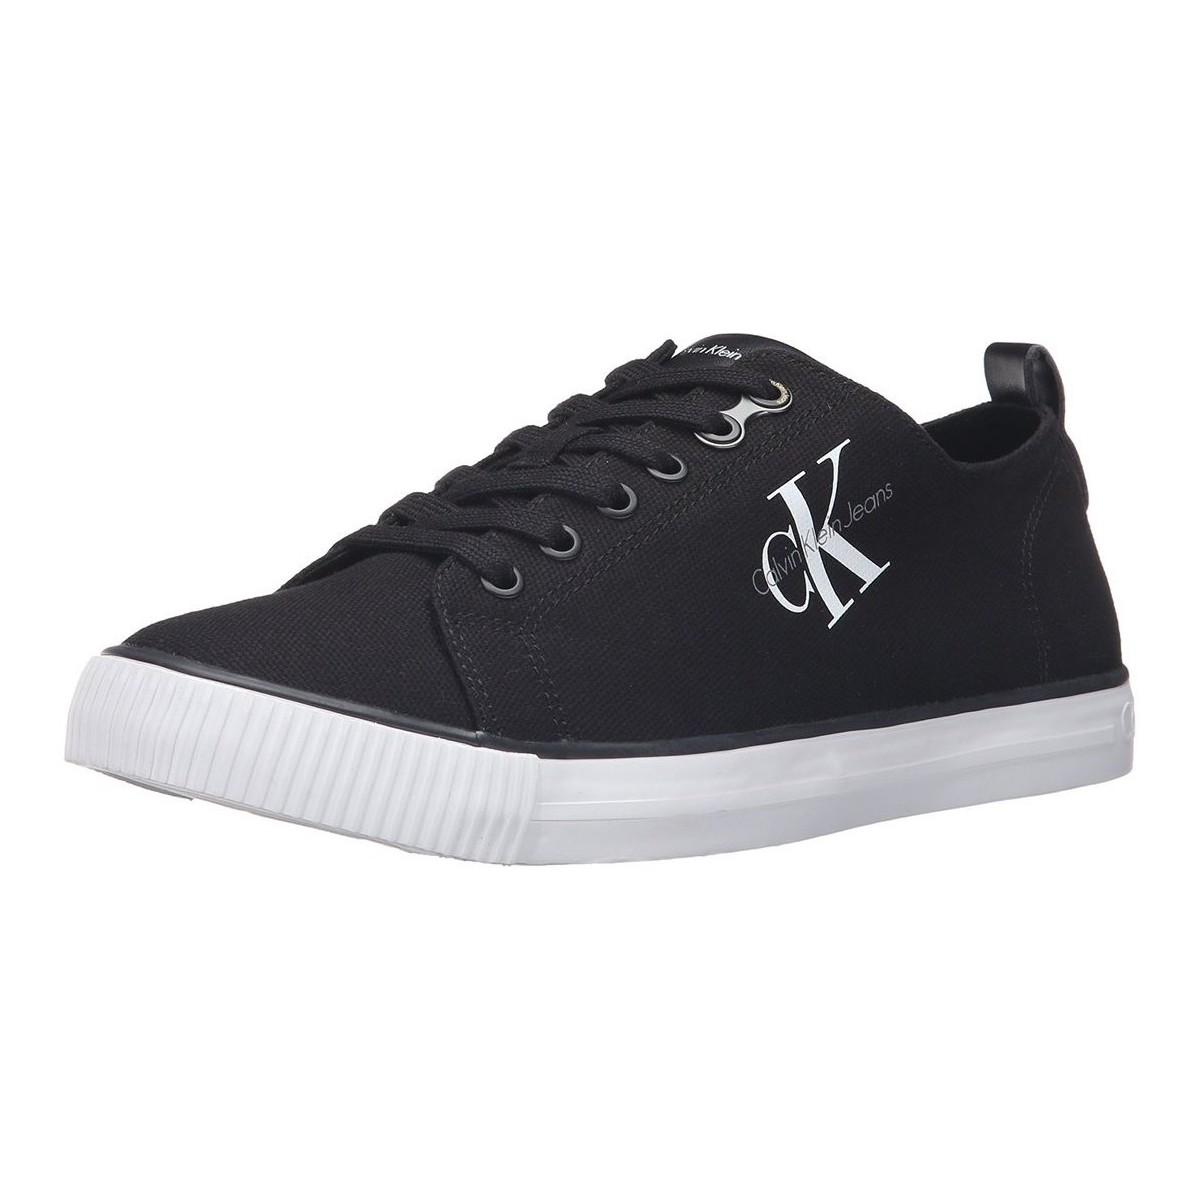 Calvin Klein Jeans so369 noir